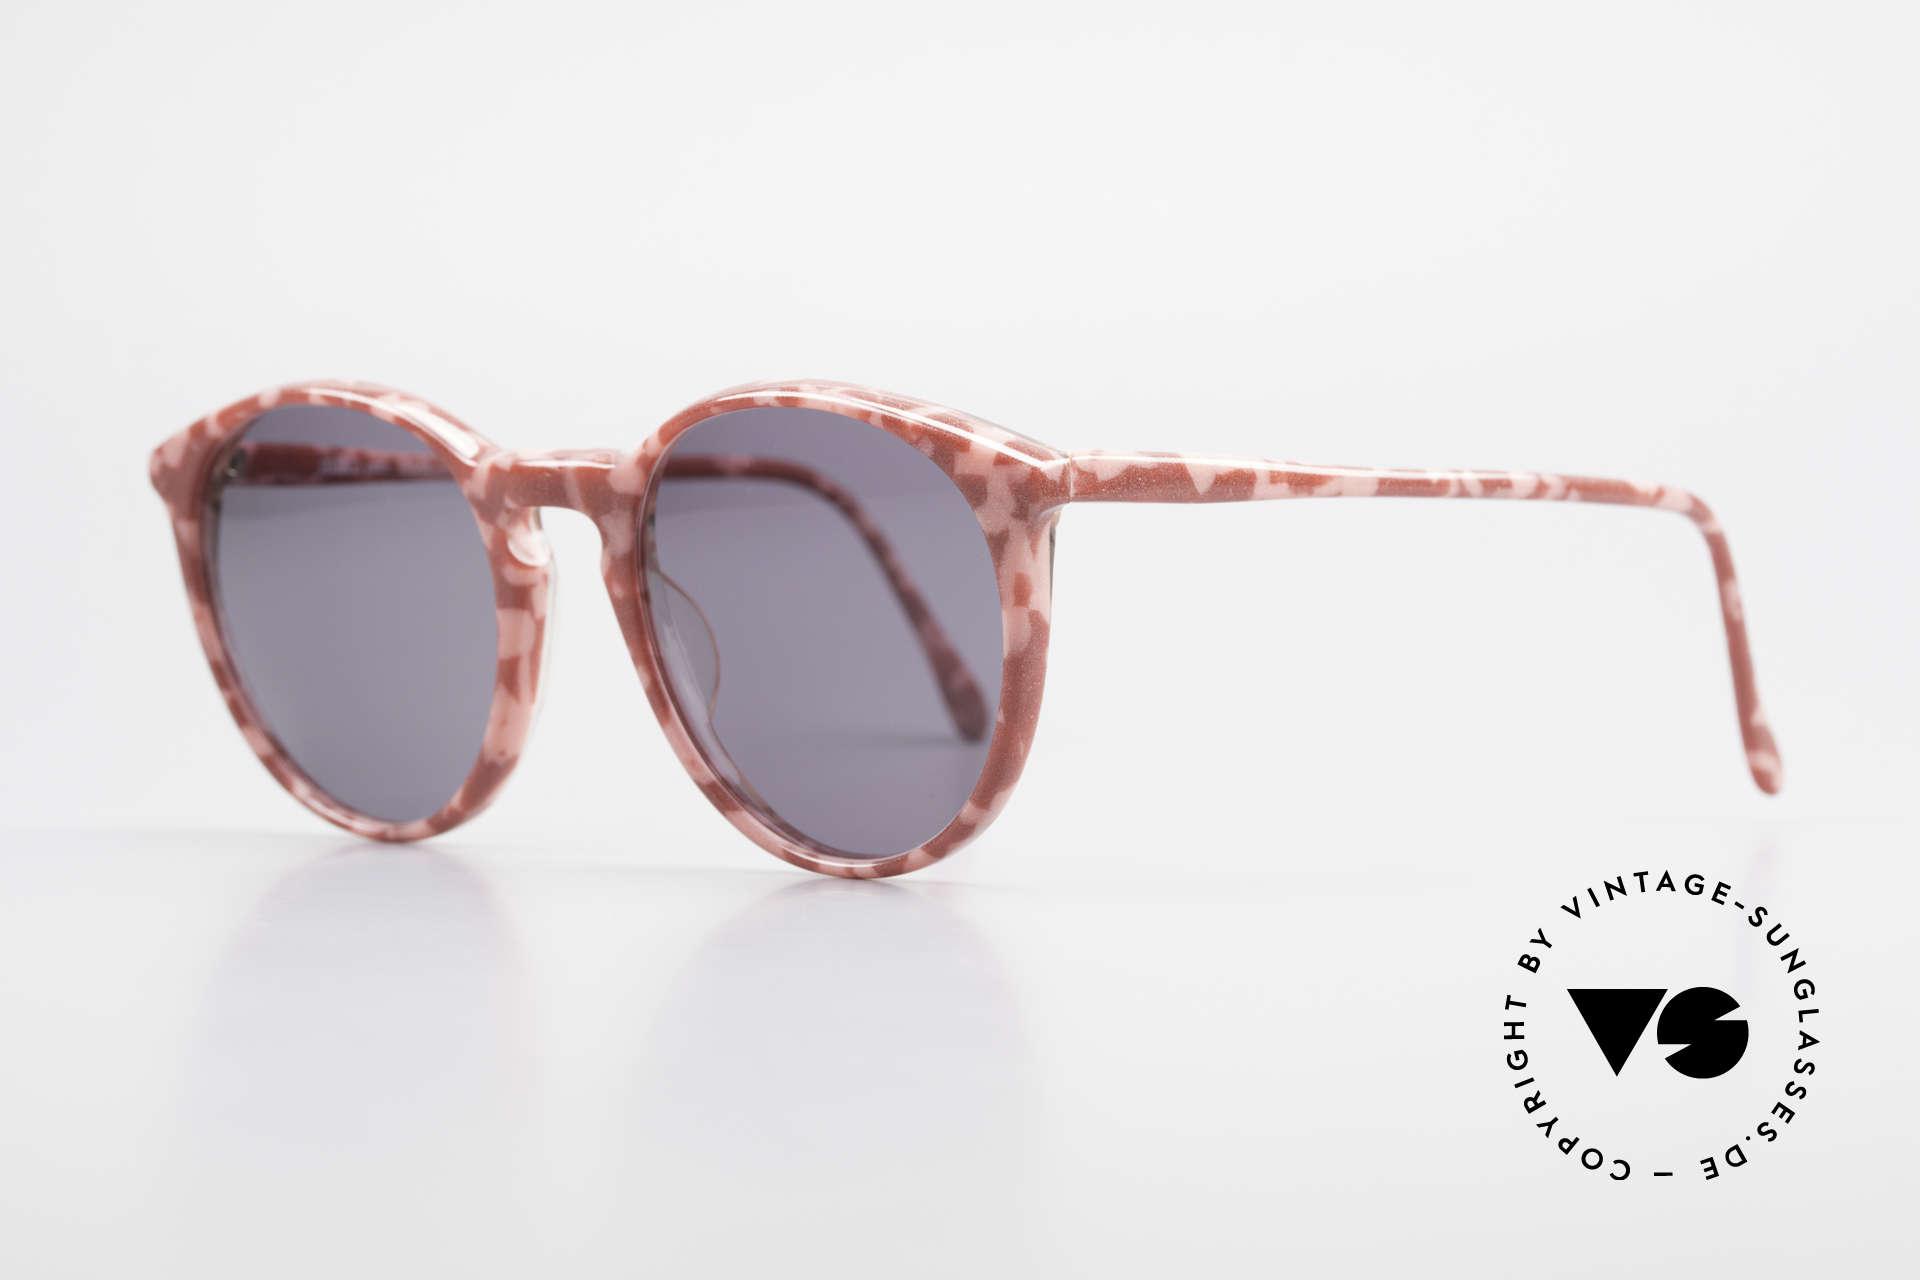 Alain Mikli 901 / 172 Sonnenbrille Rot Pink Marmor, grandioses Rahmenmuster: weinrot/pink marmoriert, Passend für Damen